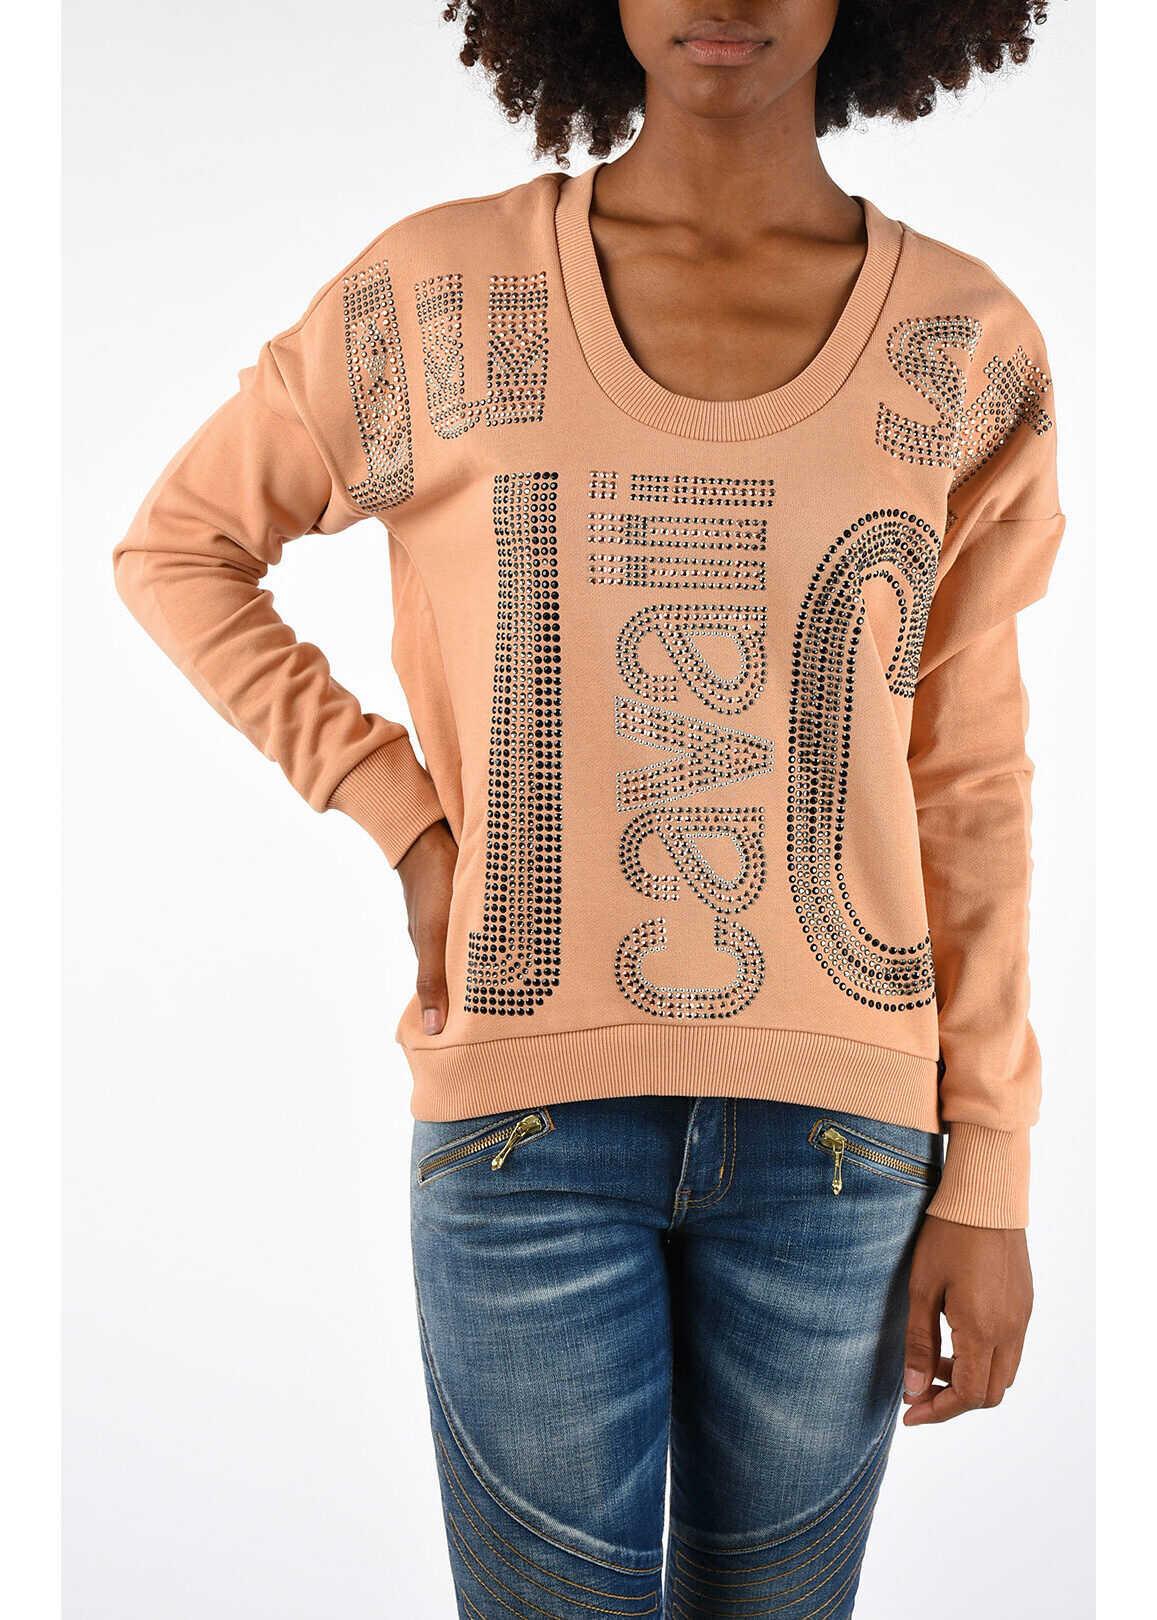 Just Cavalli Sweatshirt With Strass PINK